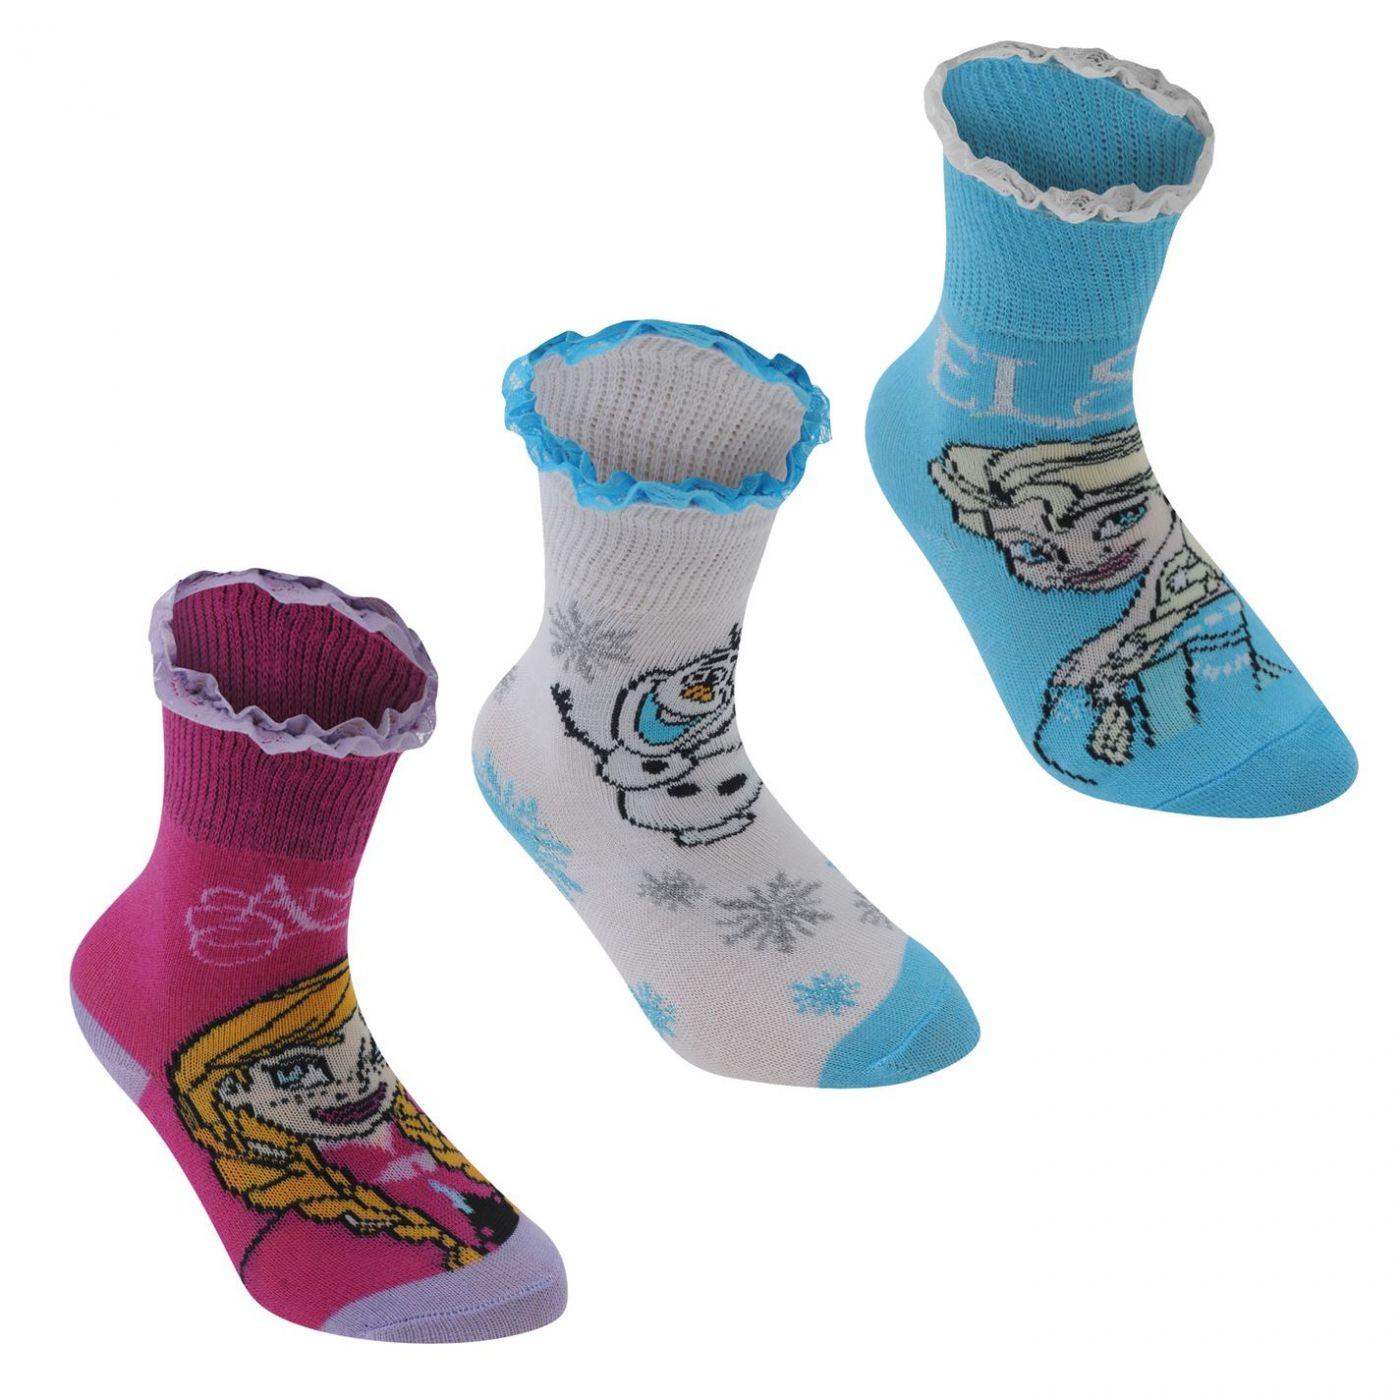 Disney 3 Pack Crew Socks Childrens